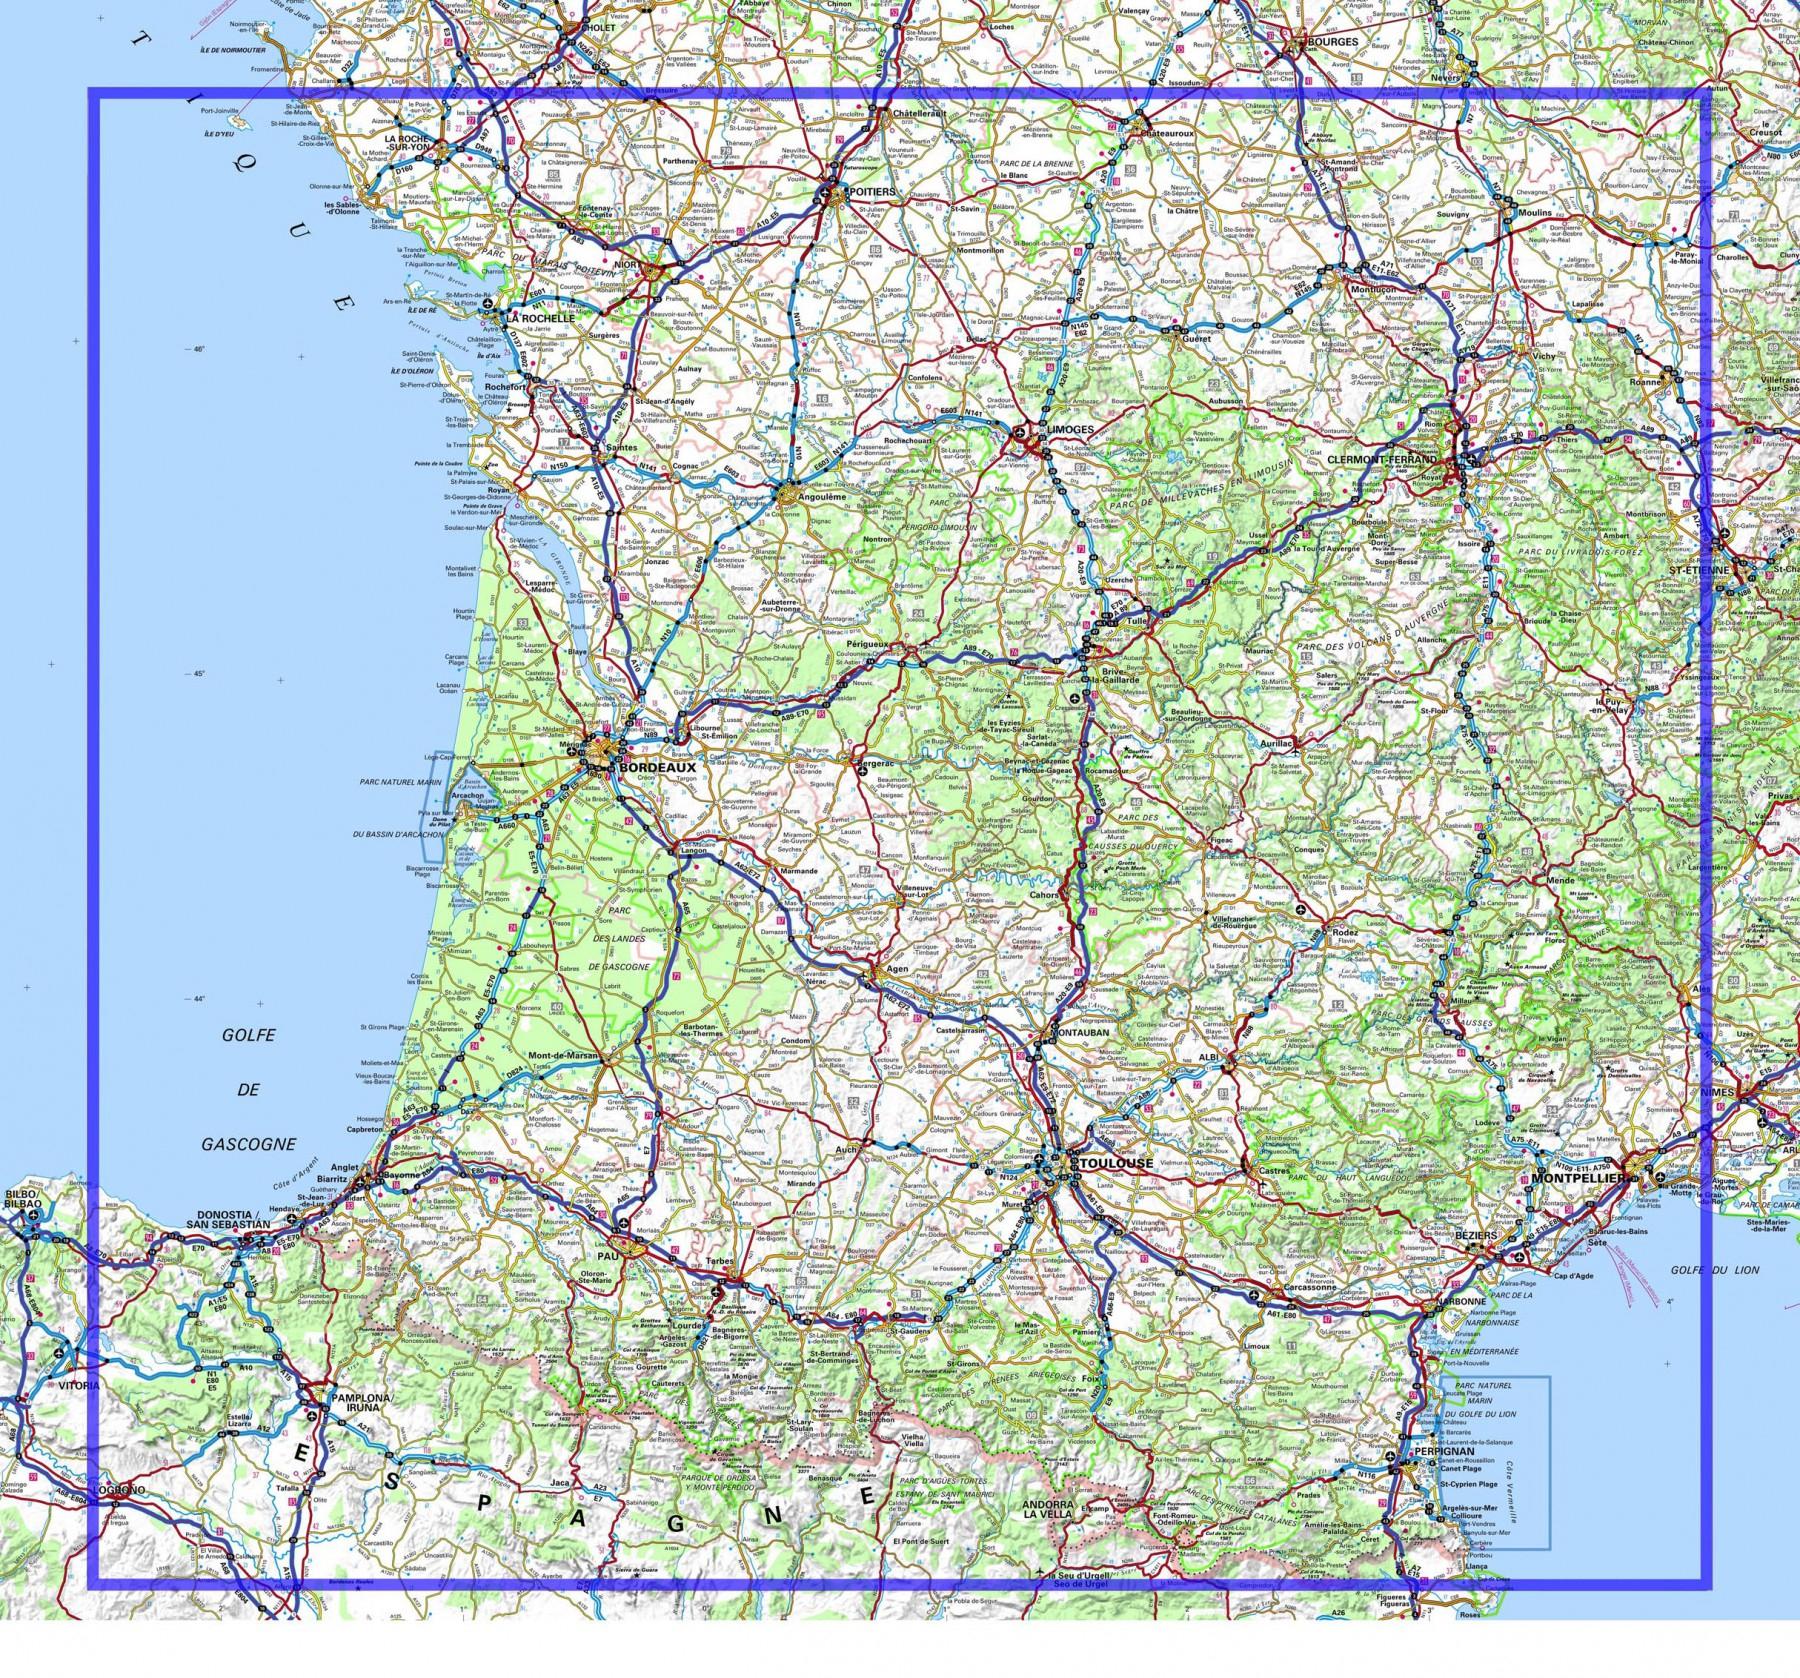 Carte Routière Sud Ouest » Vacances - Arts- Guides Voyages intérieur Carte Routiere France Gratuite